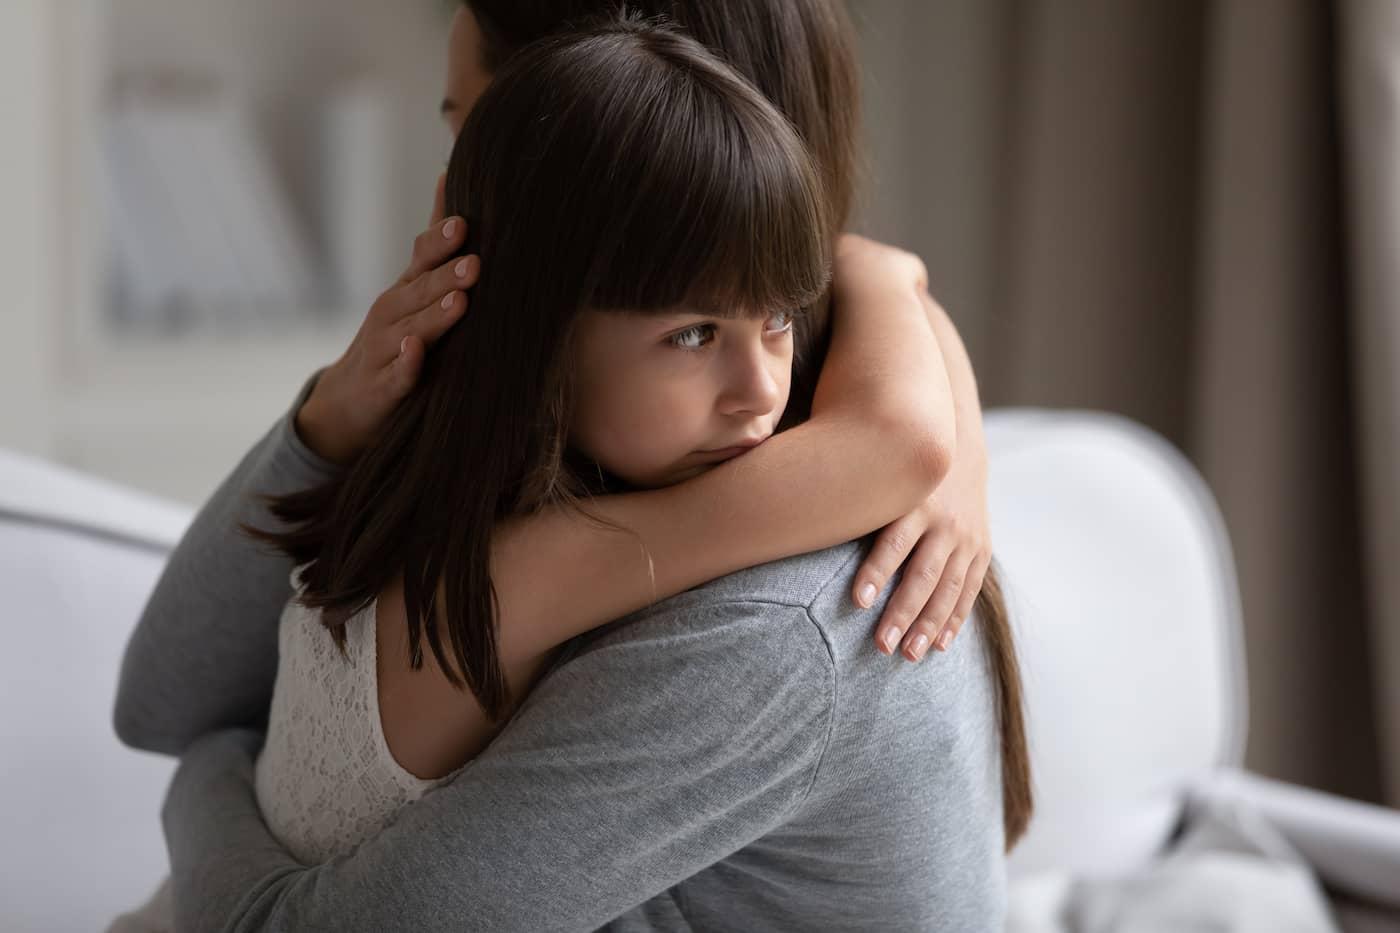 Παιδική επιληψία – Πότε εμφανίζεται και πώς μπορείς να την αντιμετωπίσεις